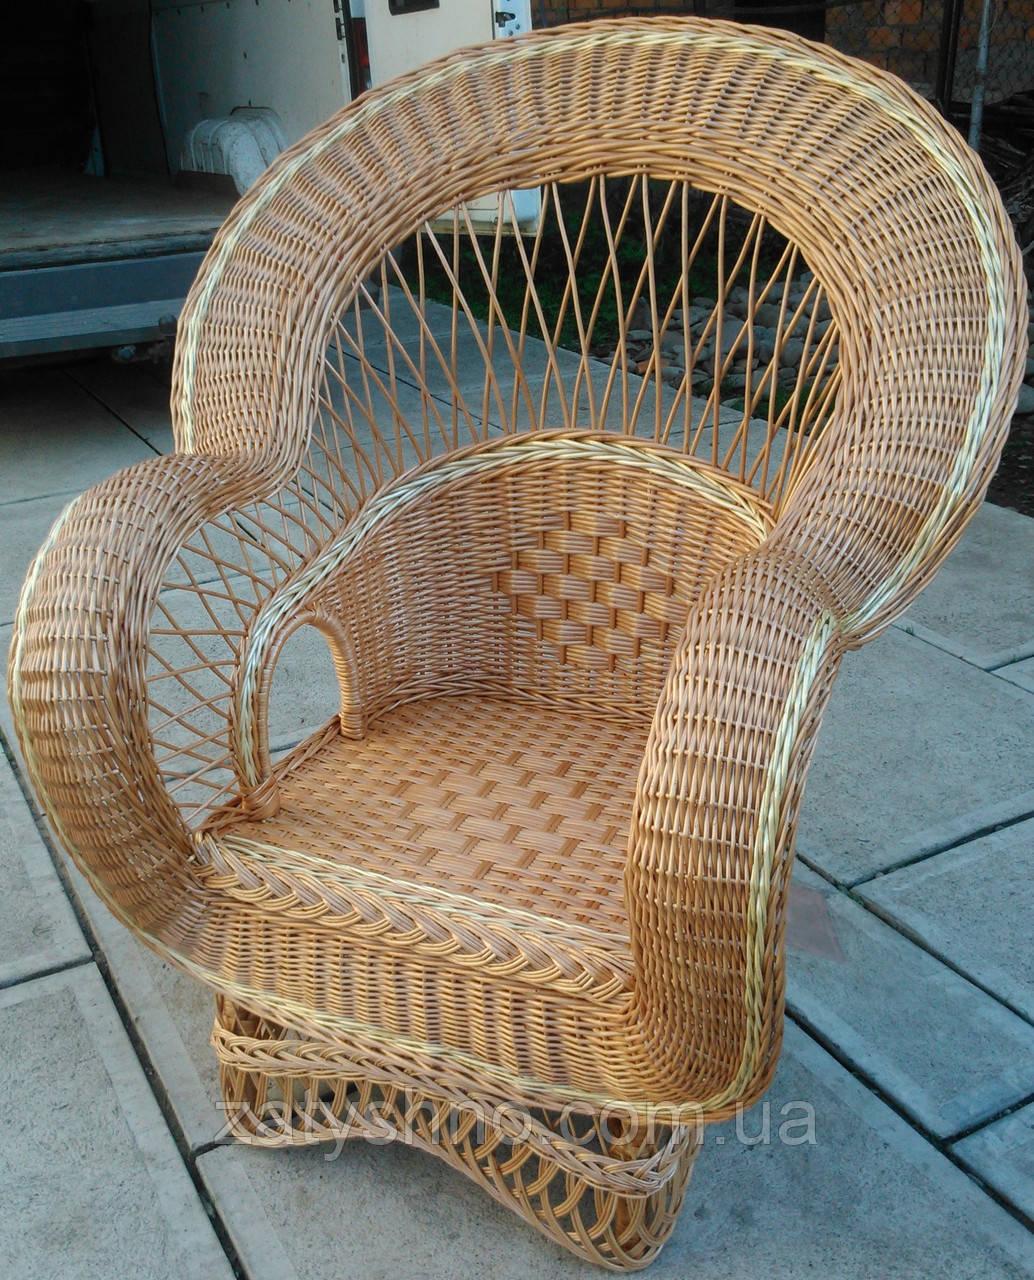 Кресло плетеное с оригинальным дизайном, фото 1